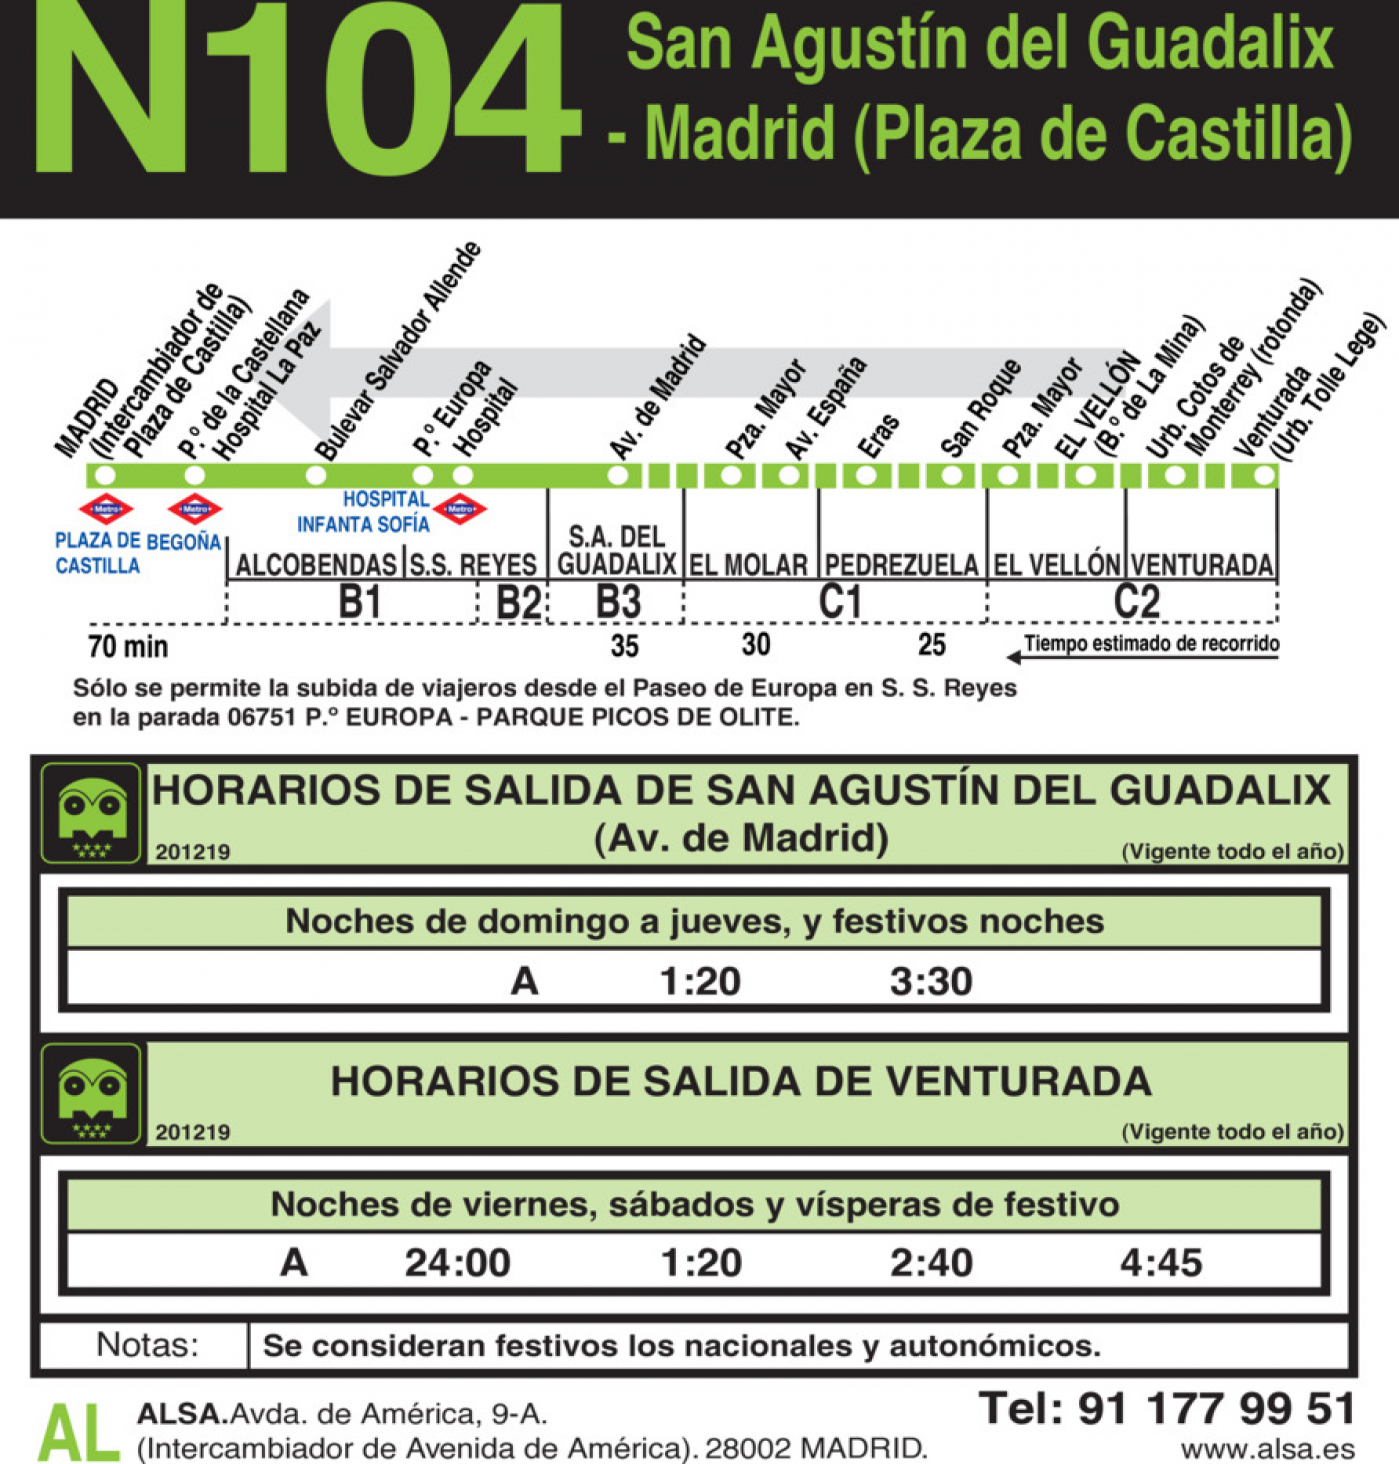 Tabla de horarios y frecuencias de paso en sentido vuelta Línea N-104: Madrid (Plaza Castilla) - San Agustín de Guadalix